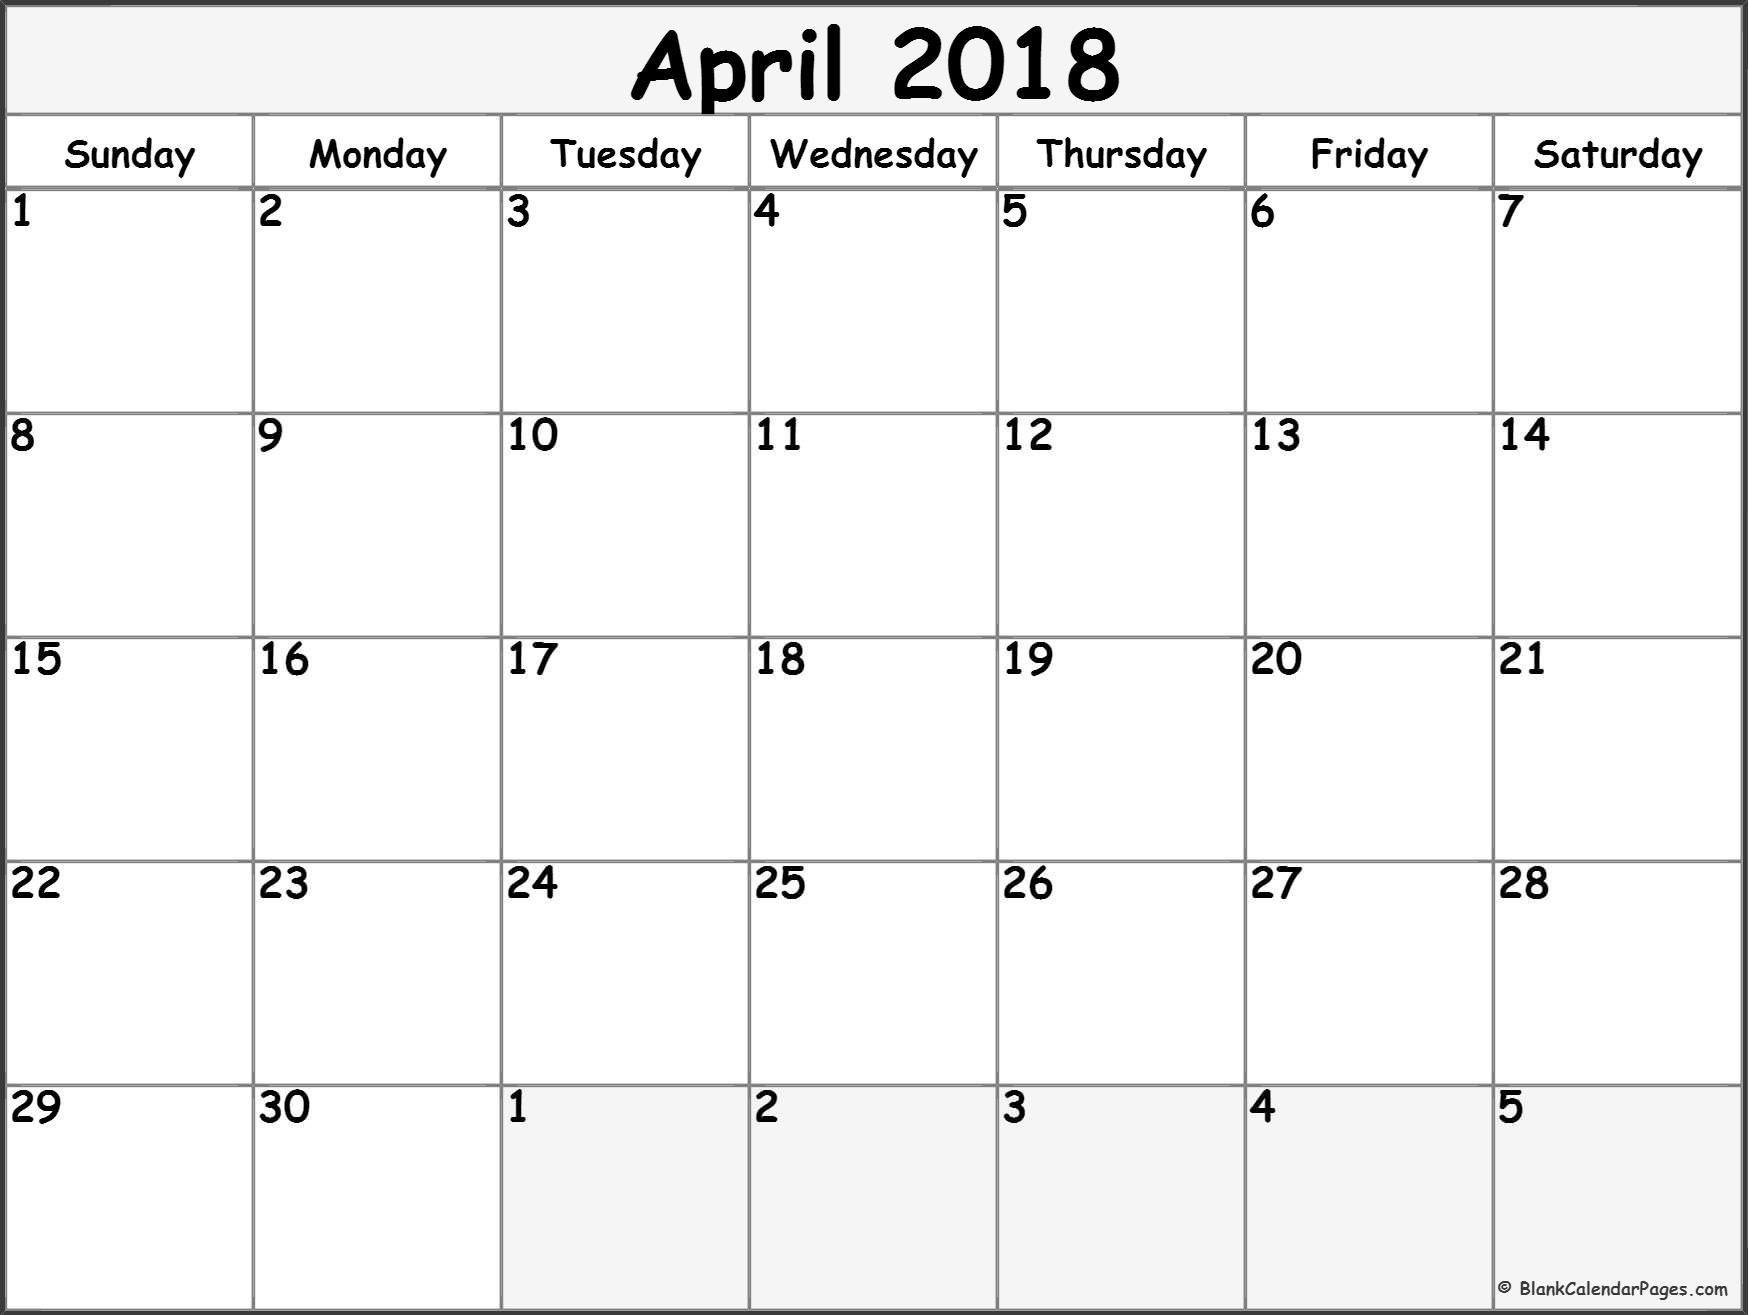 Calendario Enero 2019 Para Imprimir A4 Más Populares Calendario Octubre 2018 77ld Calendarios T Calendar Of Calendario Enero 2019 Para Imprimir A4 Más Reciente Calendario Para Imprimir 2018 2019 Calendario